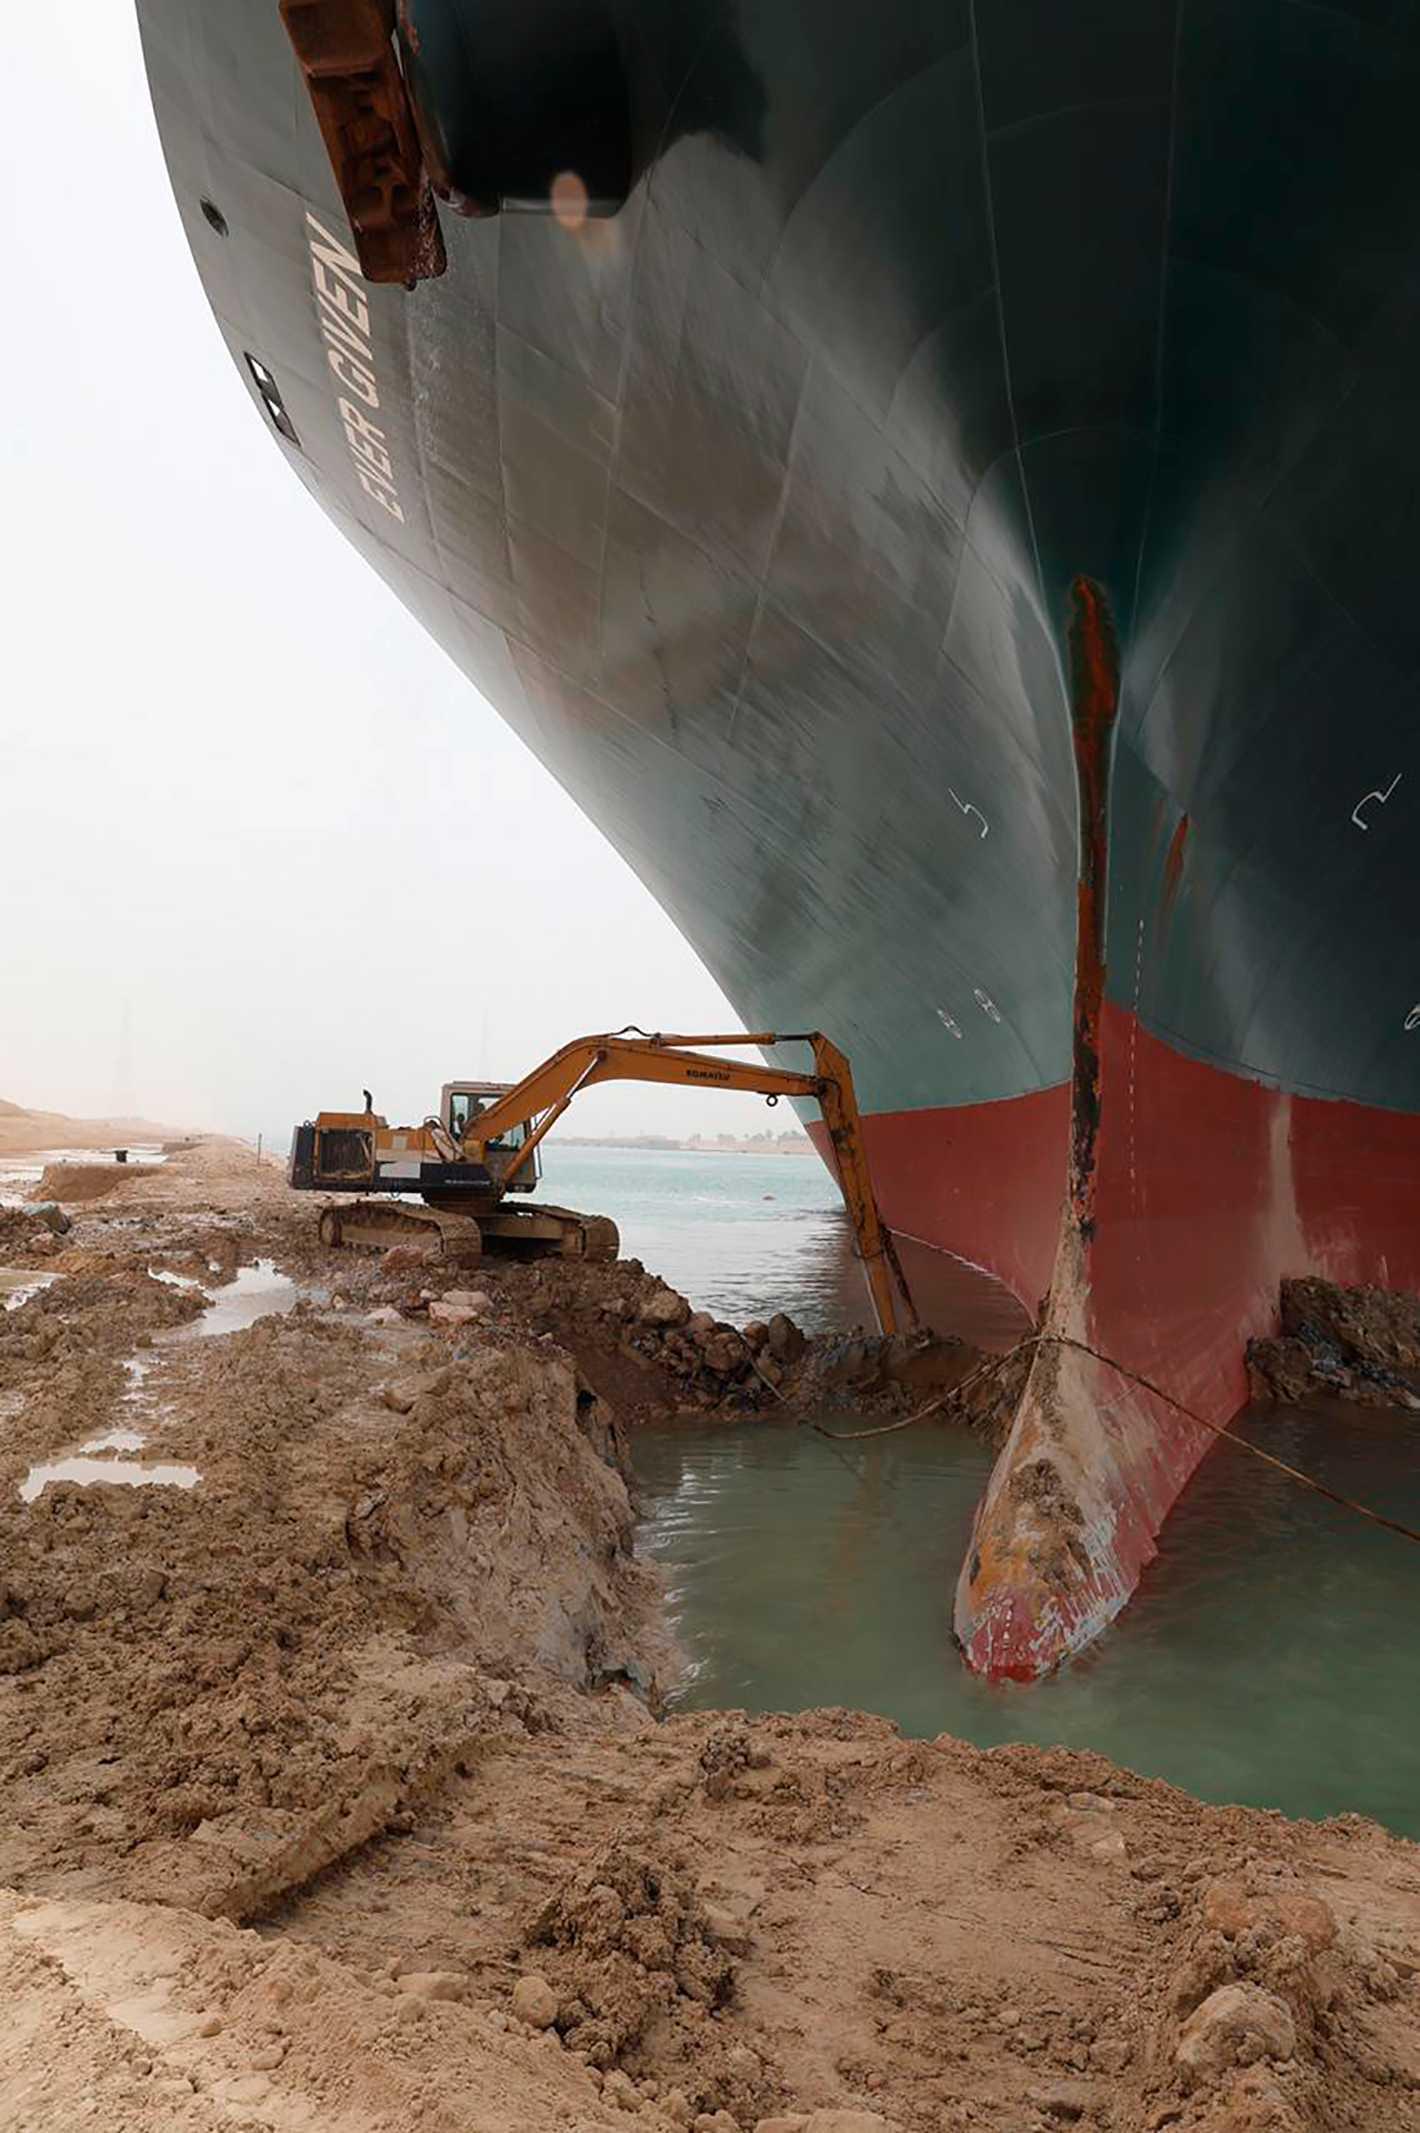 Grävskopor försöker få bort sand och gyttja runt skrovet på jättefartyget.